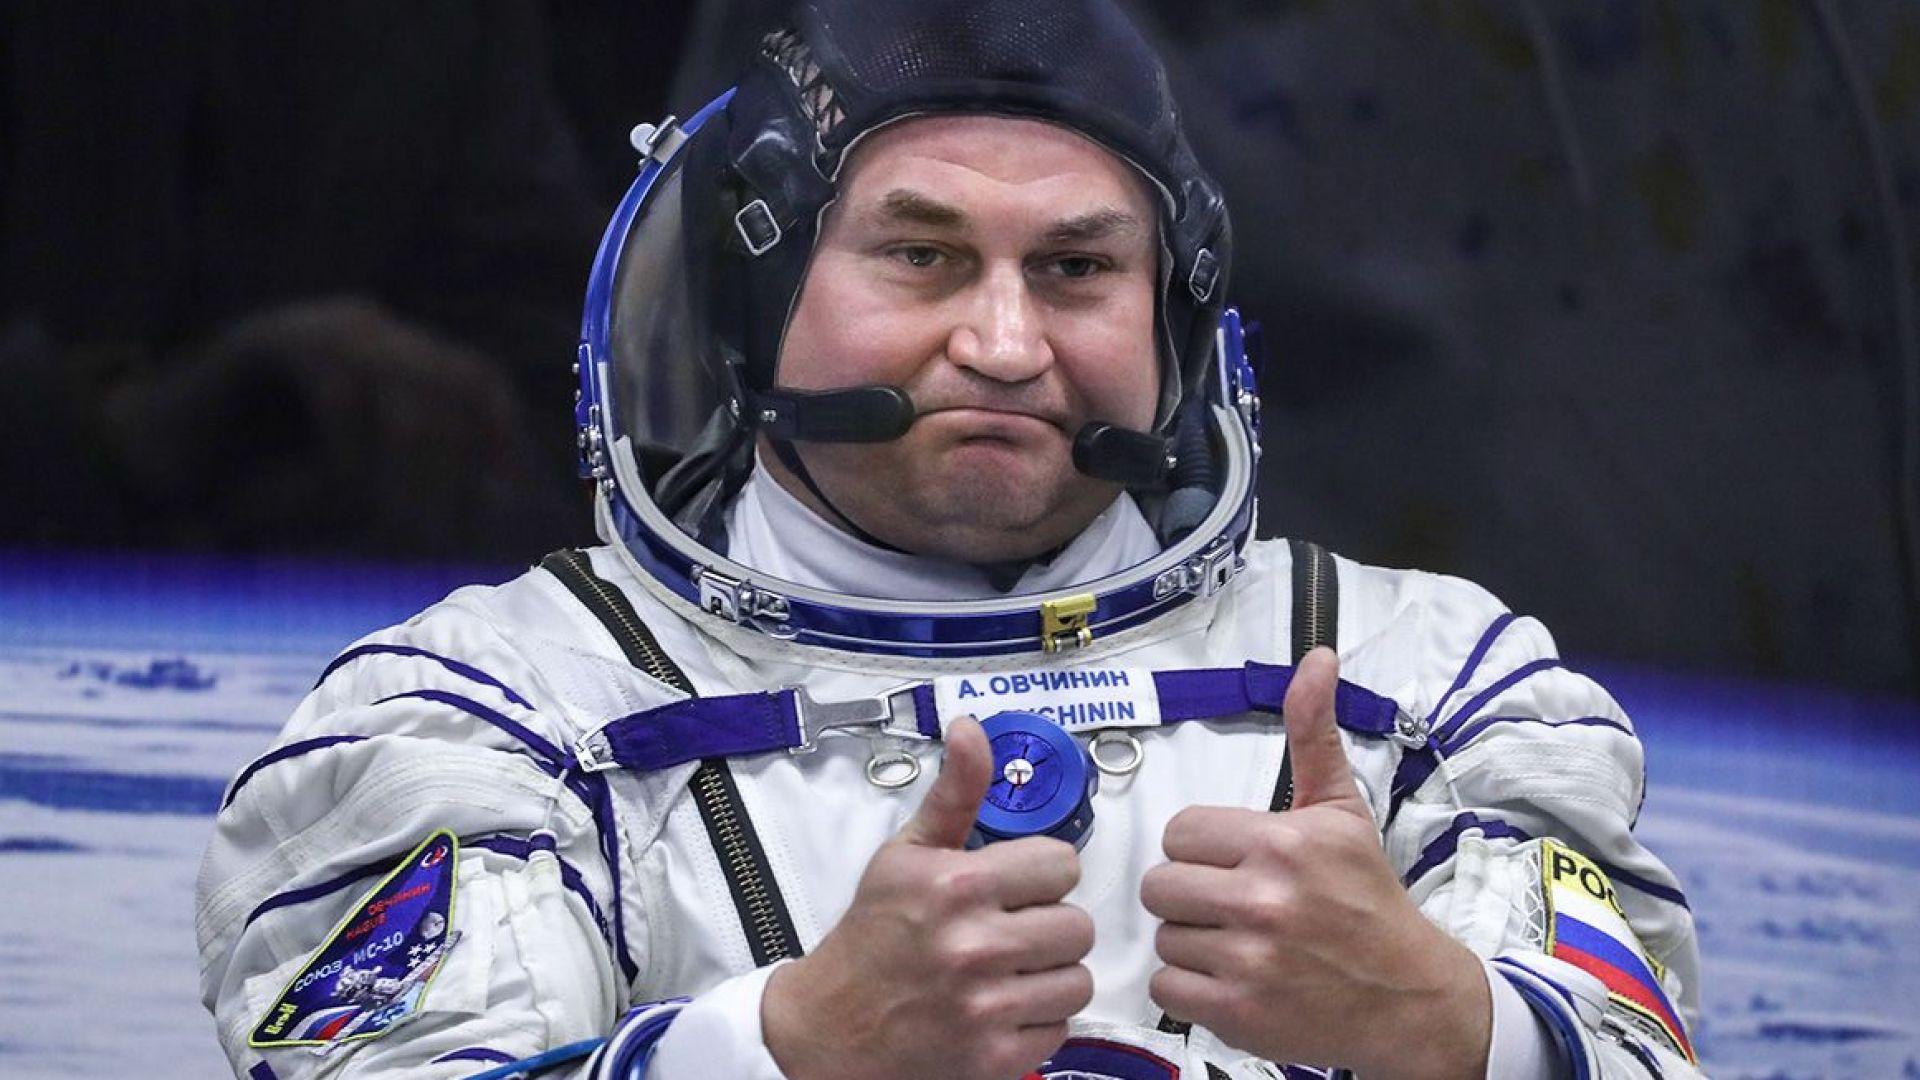 Роскосмос заменя двама космонавти с техни дубльори